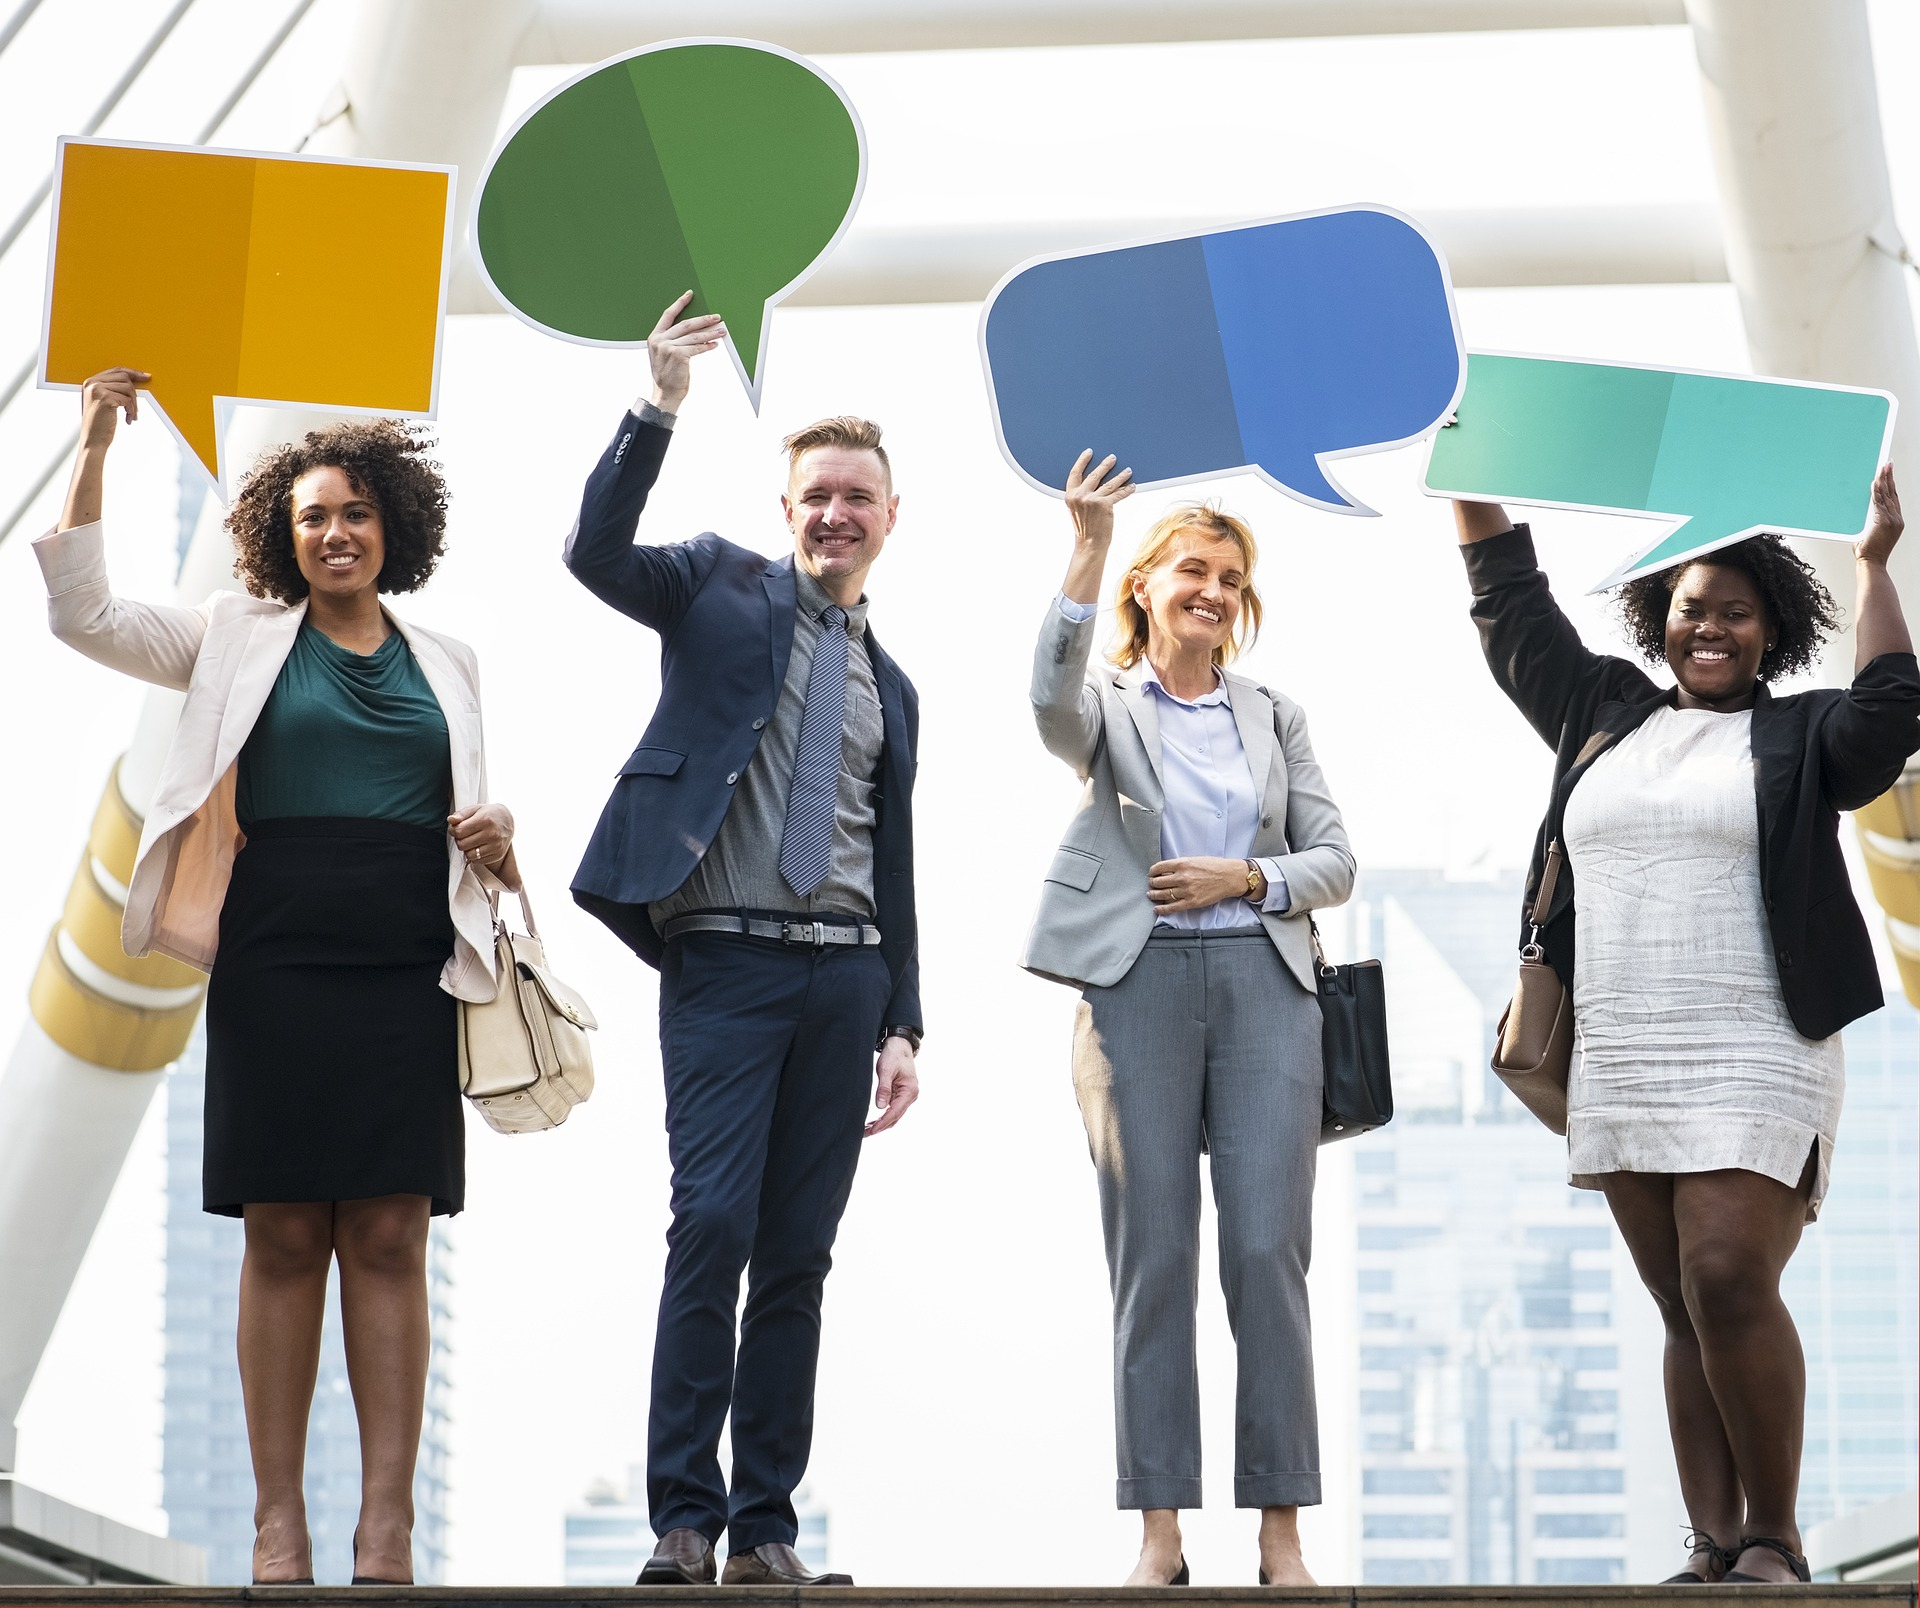 Diversidad en el lugar de trabajo: estrategias de productividad para introvertidos y extrovertidos